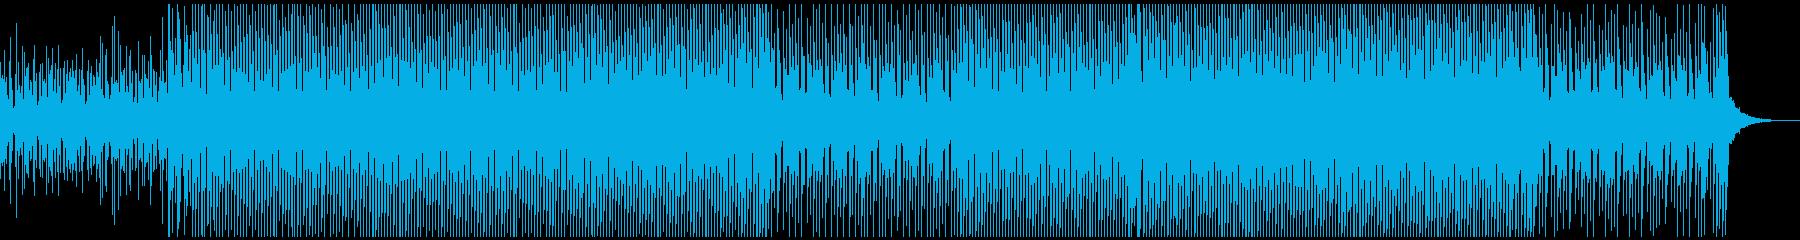 幸せで晴れの再生済みの波形